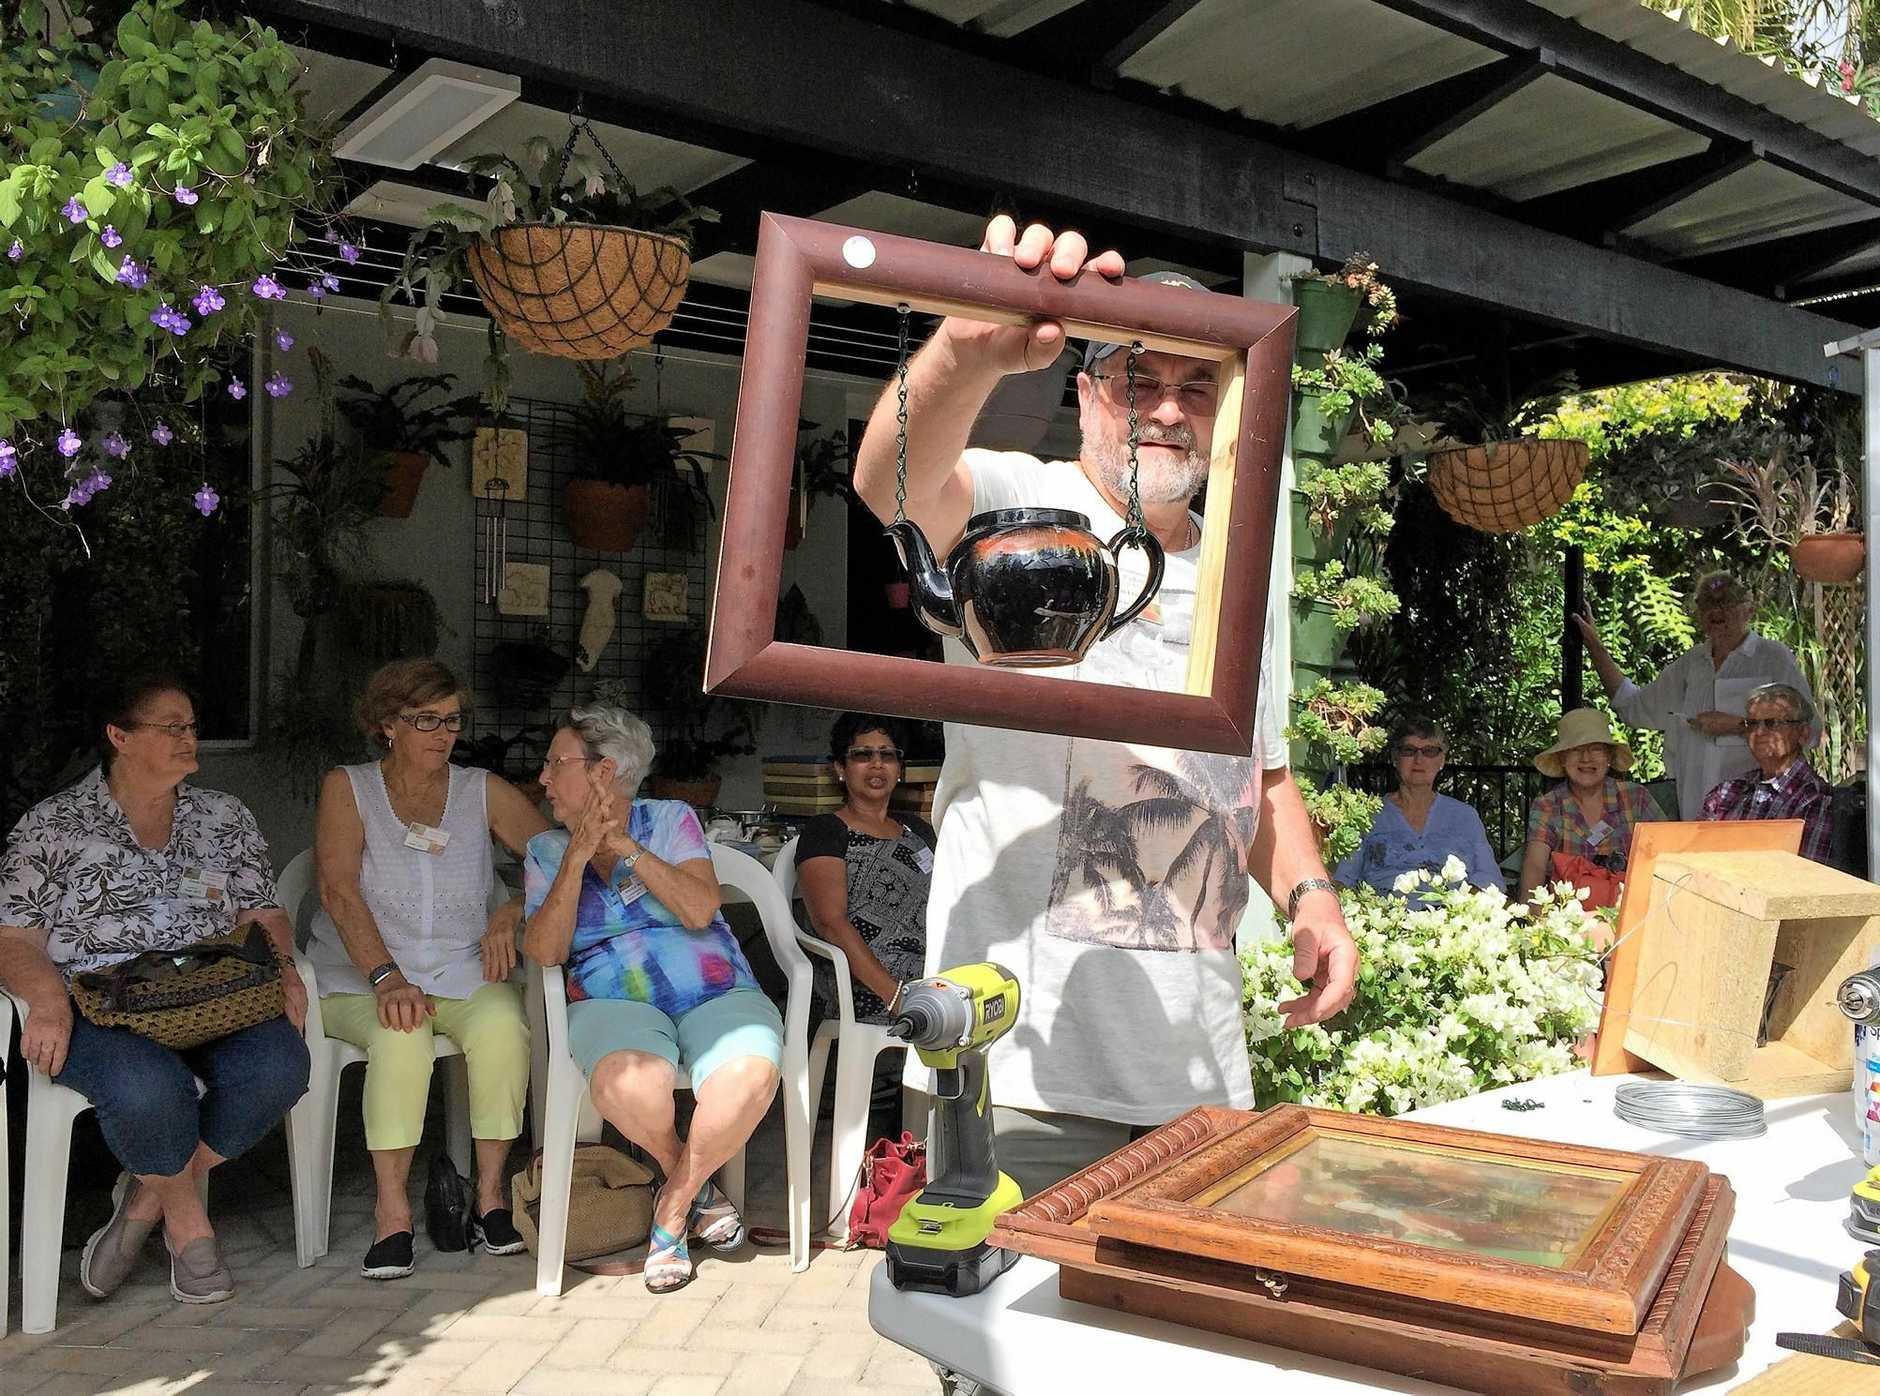 Buderim Garden Club President John Lyon presented his garden art to members.